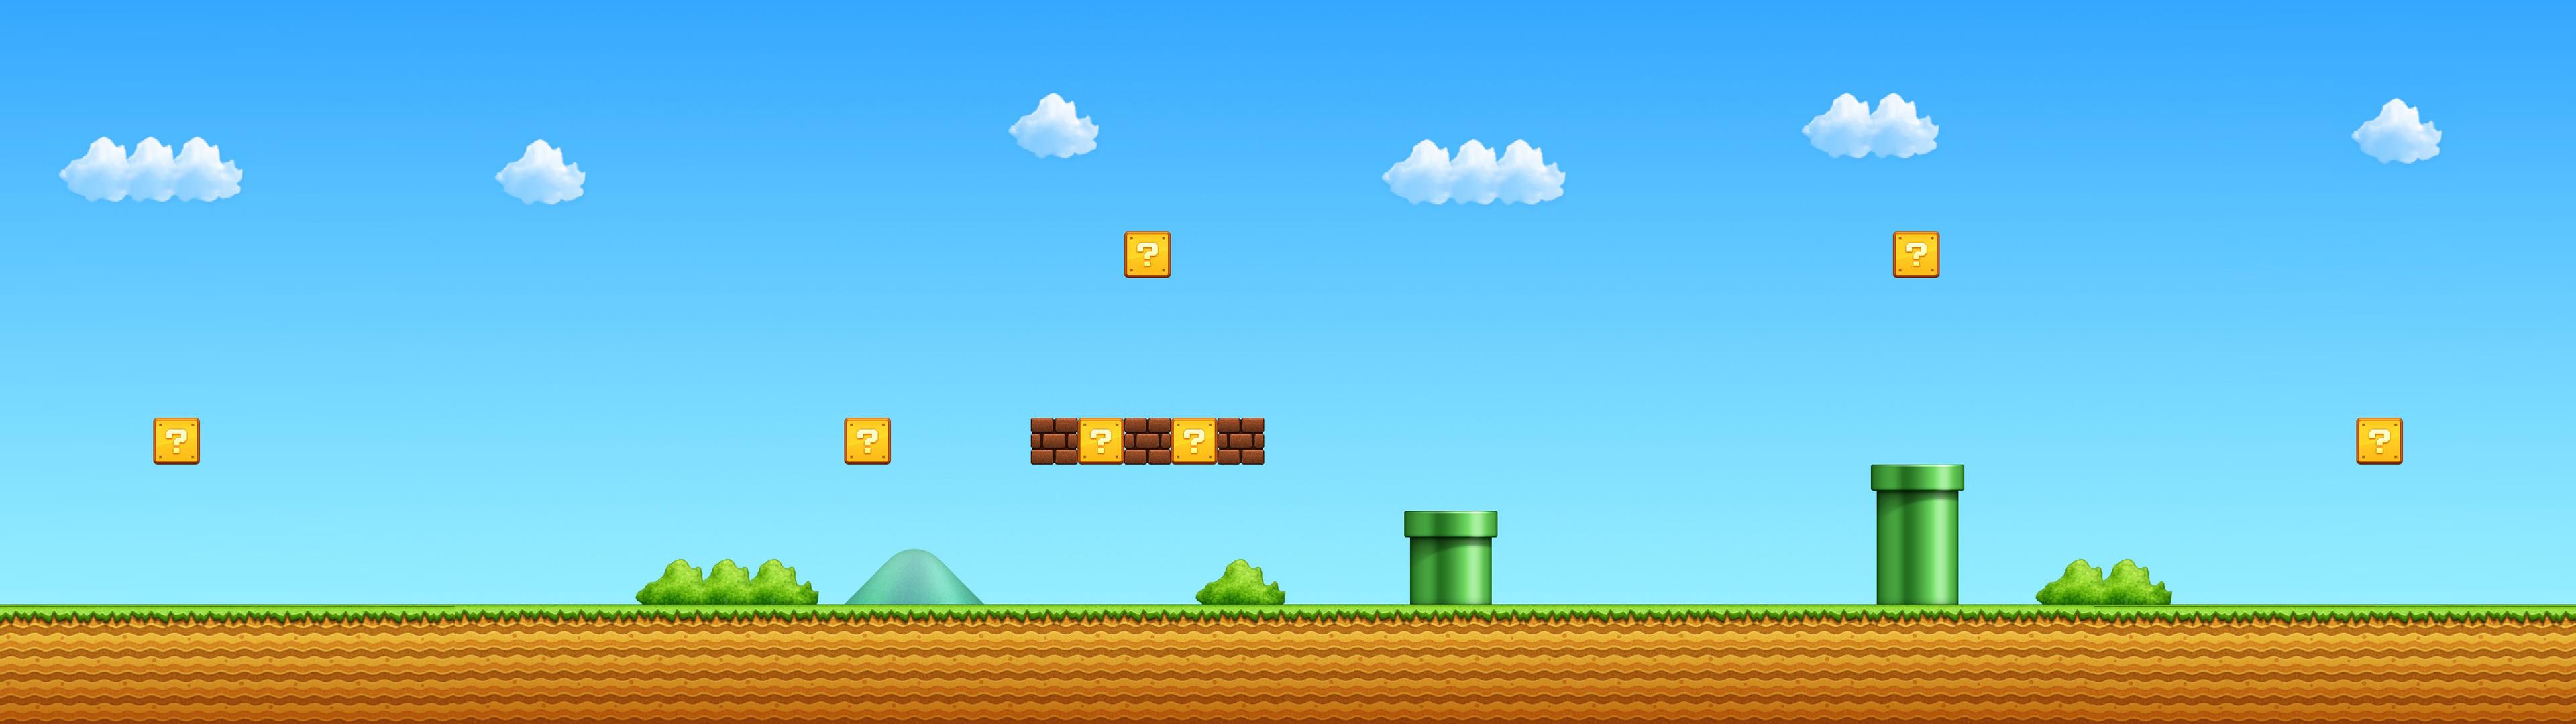 Download Super Mario 3840 x 1080 2560 x 1024 3840x1080